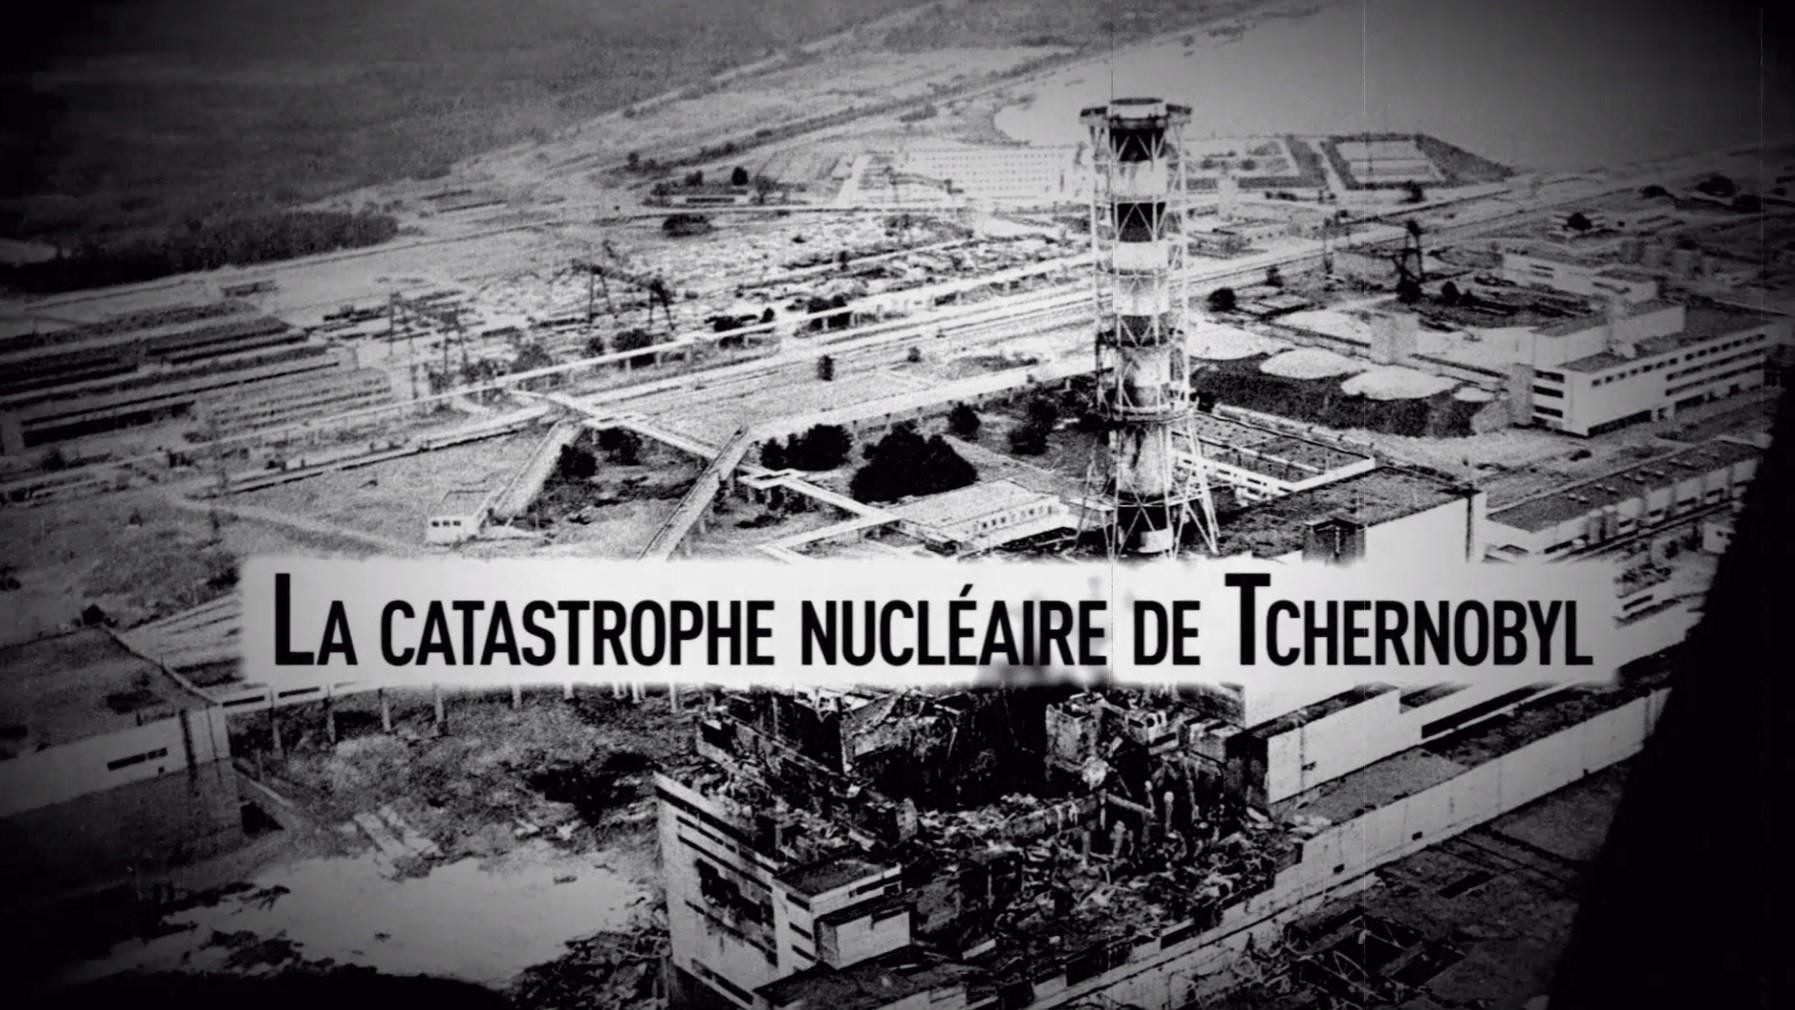 Des Américains se marient à Tchernobyl pour que le monde n'oublie jamais ce qui s'y est passé